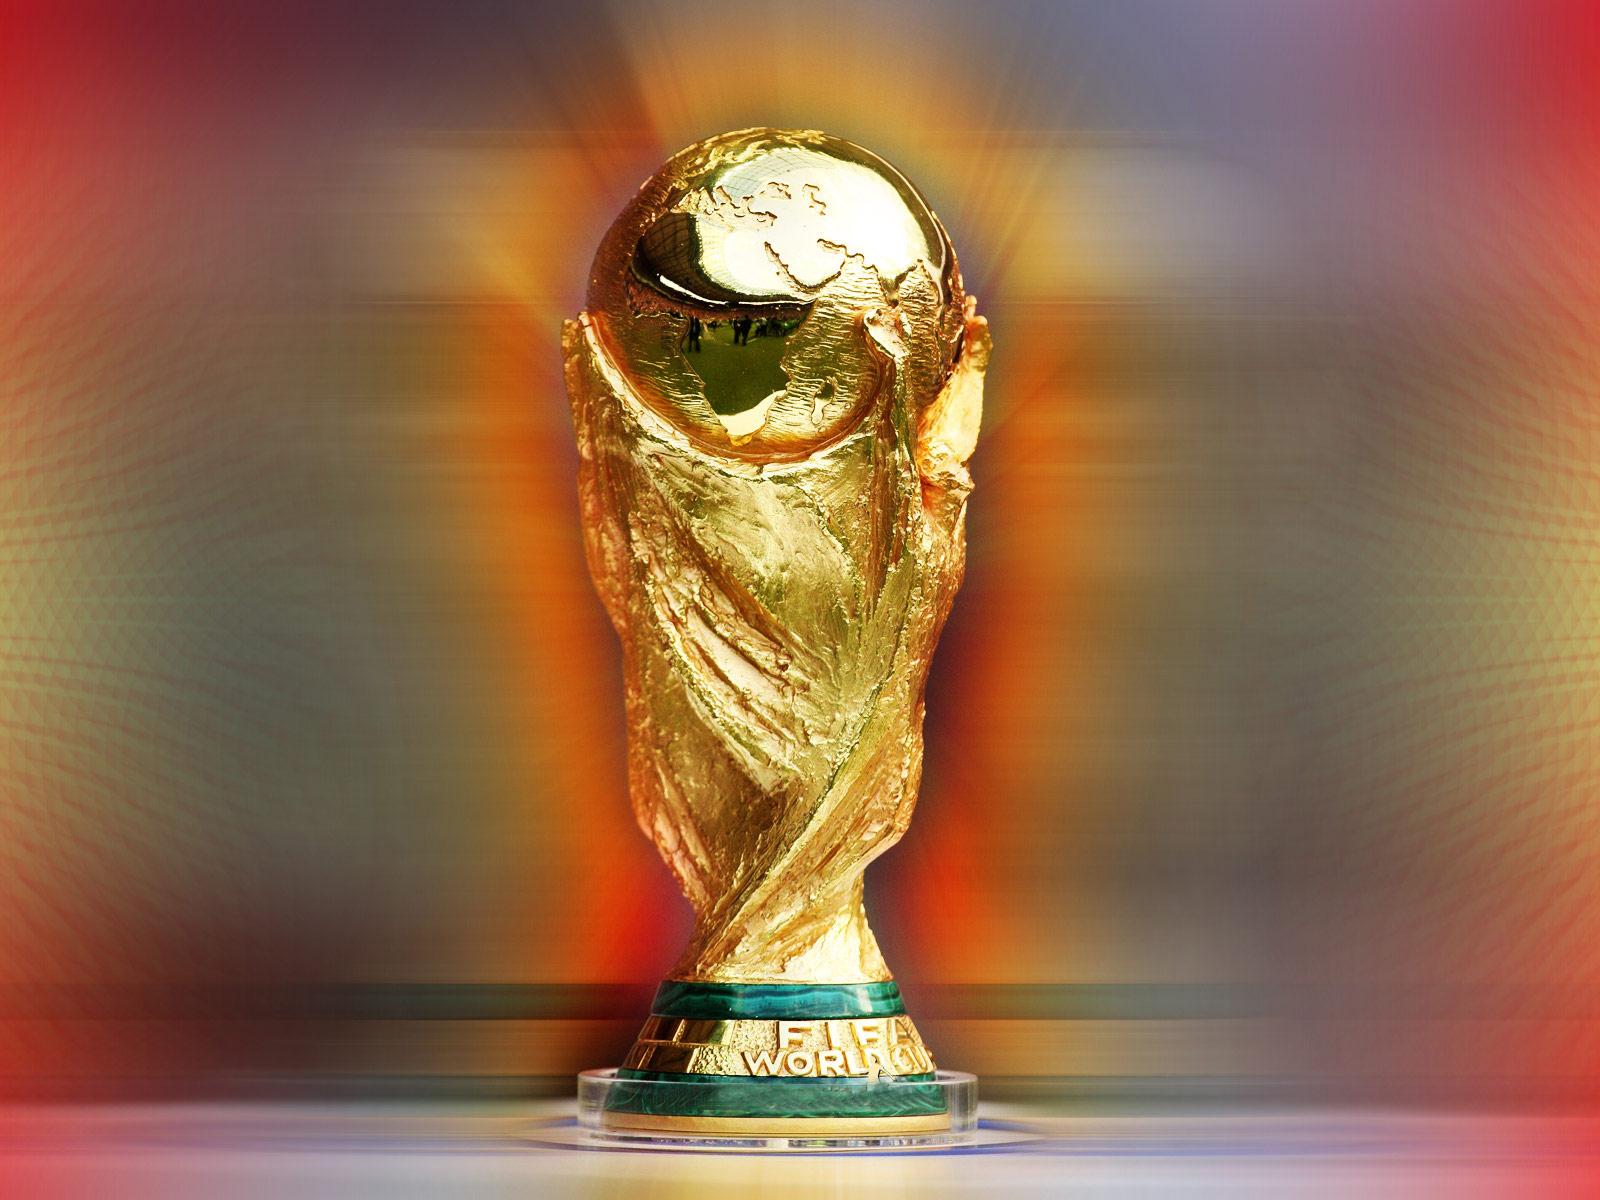 http://3.bp.blogspot.com/-T2E4BPZSylQ/Th5R1I1AmOI/AAAAAAAAAsQ/jpOIOUNFVgg/s1600/world+cup+soccer.jpg